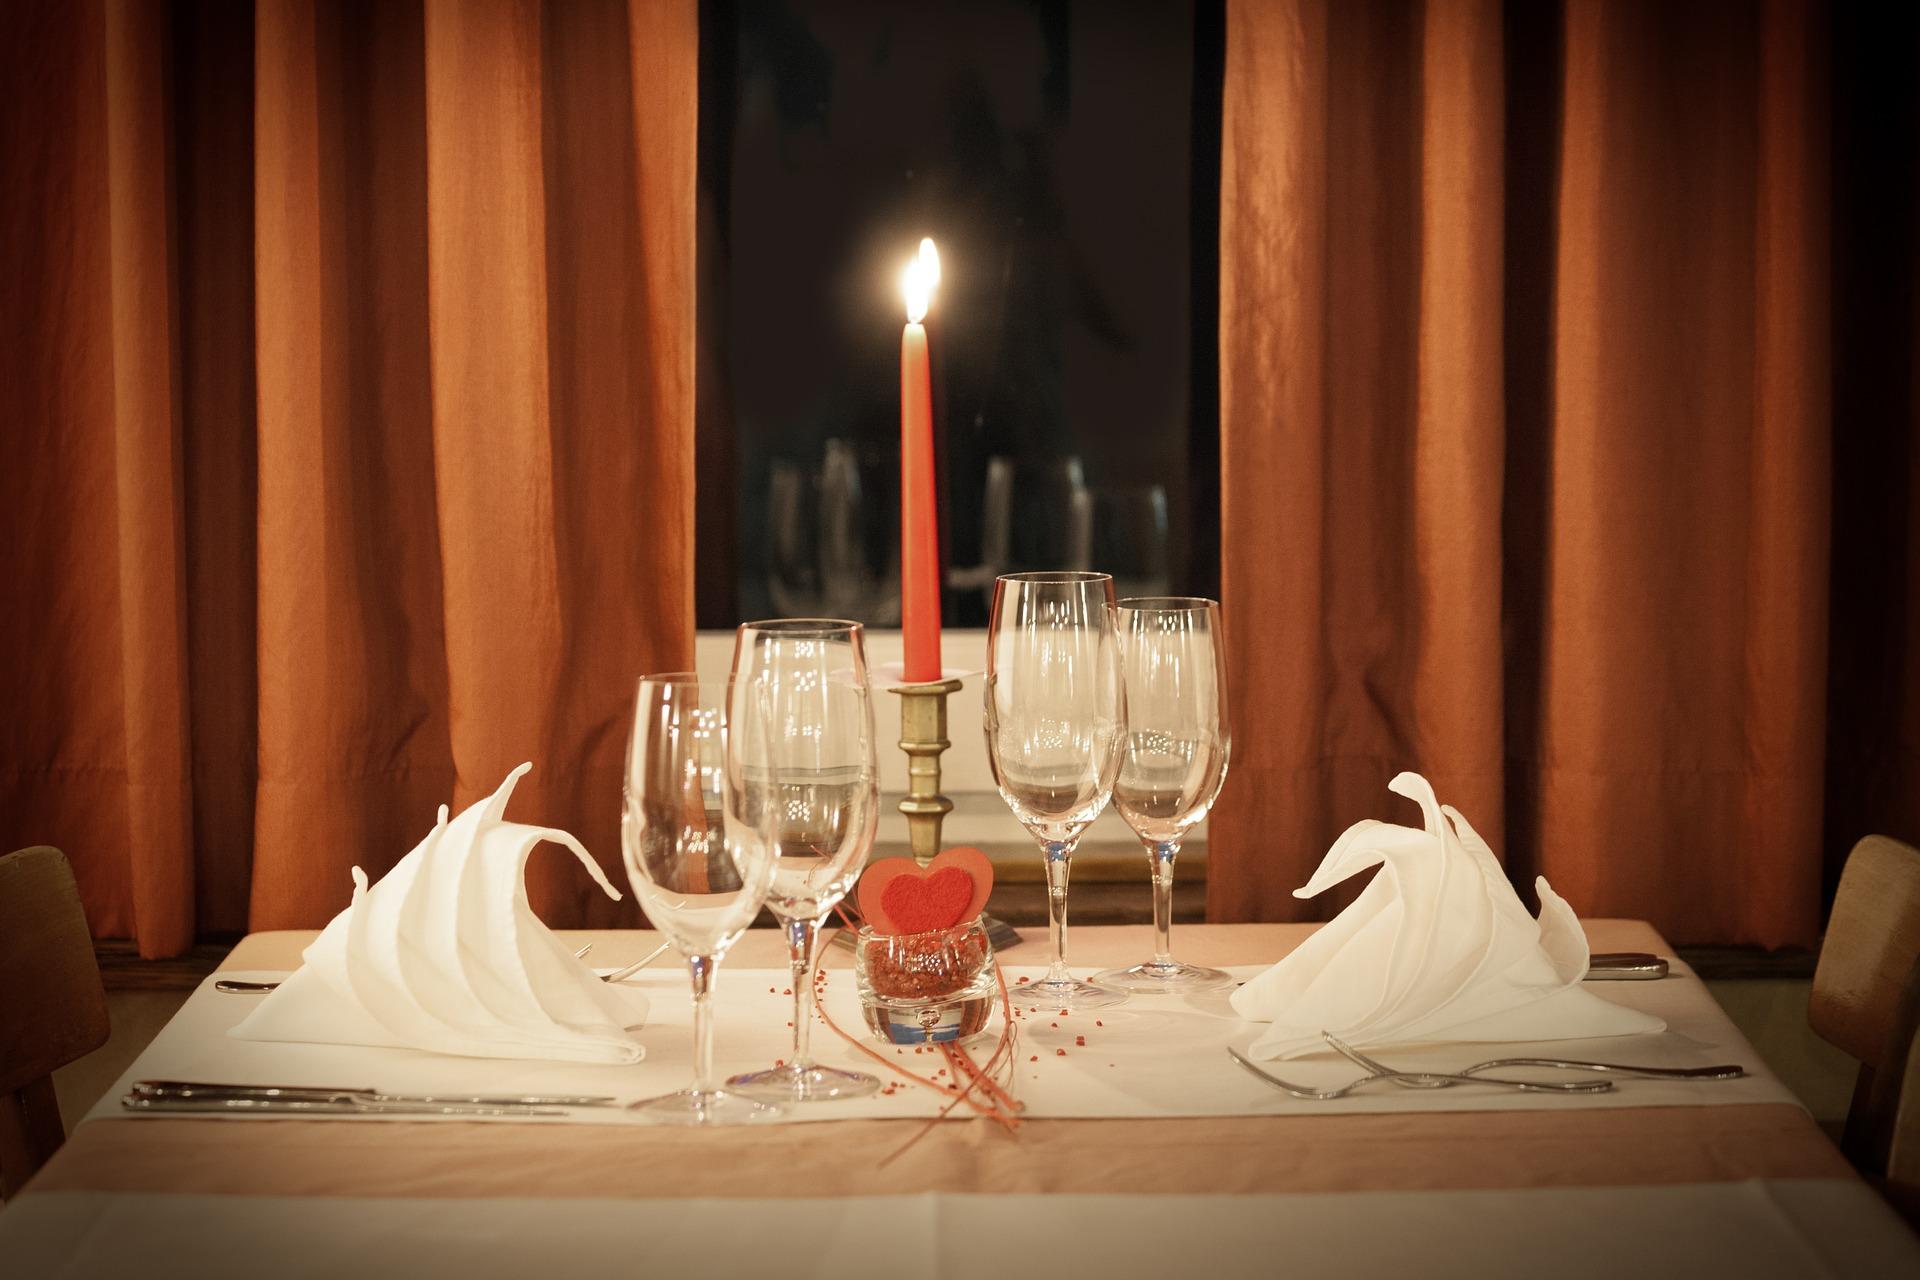 restaurant table setting for dinner for you